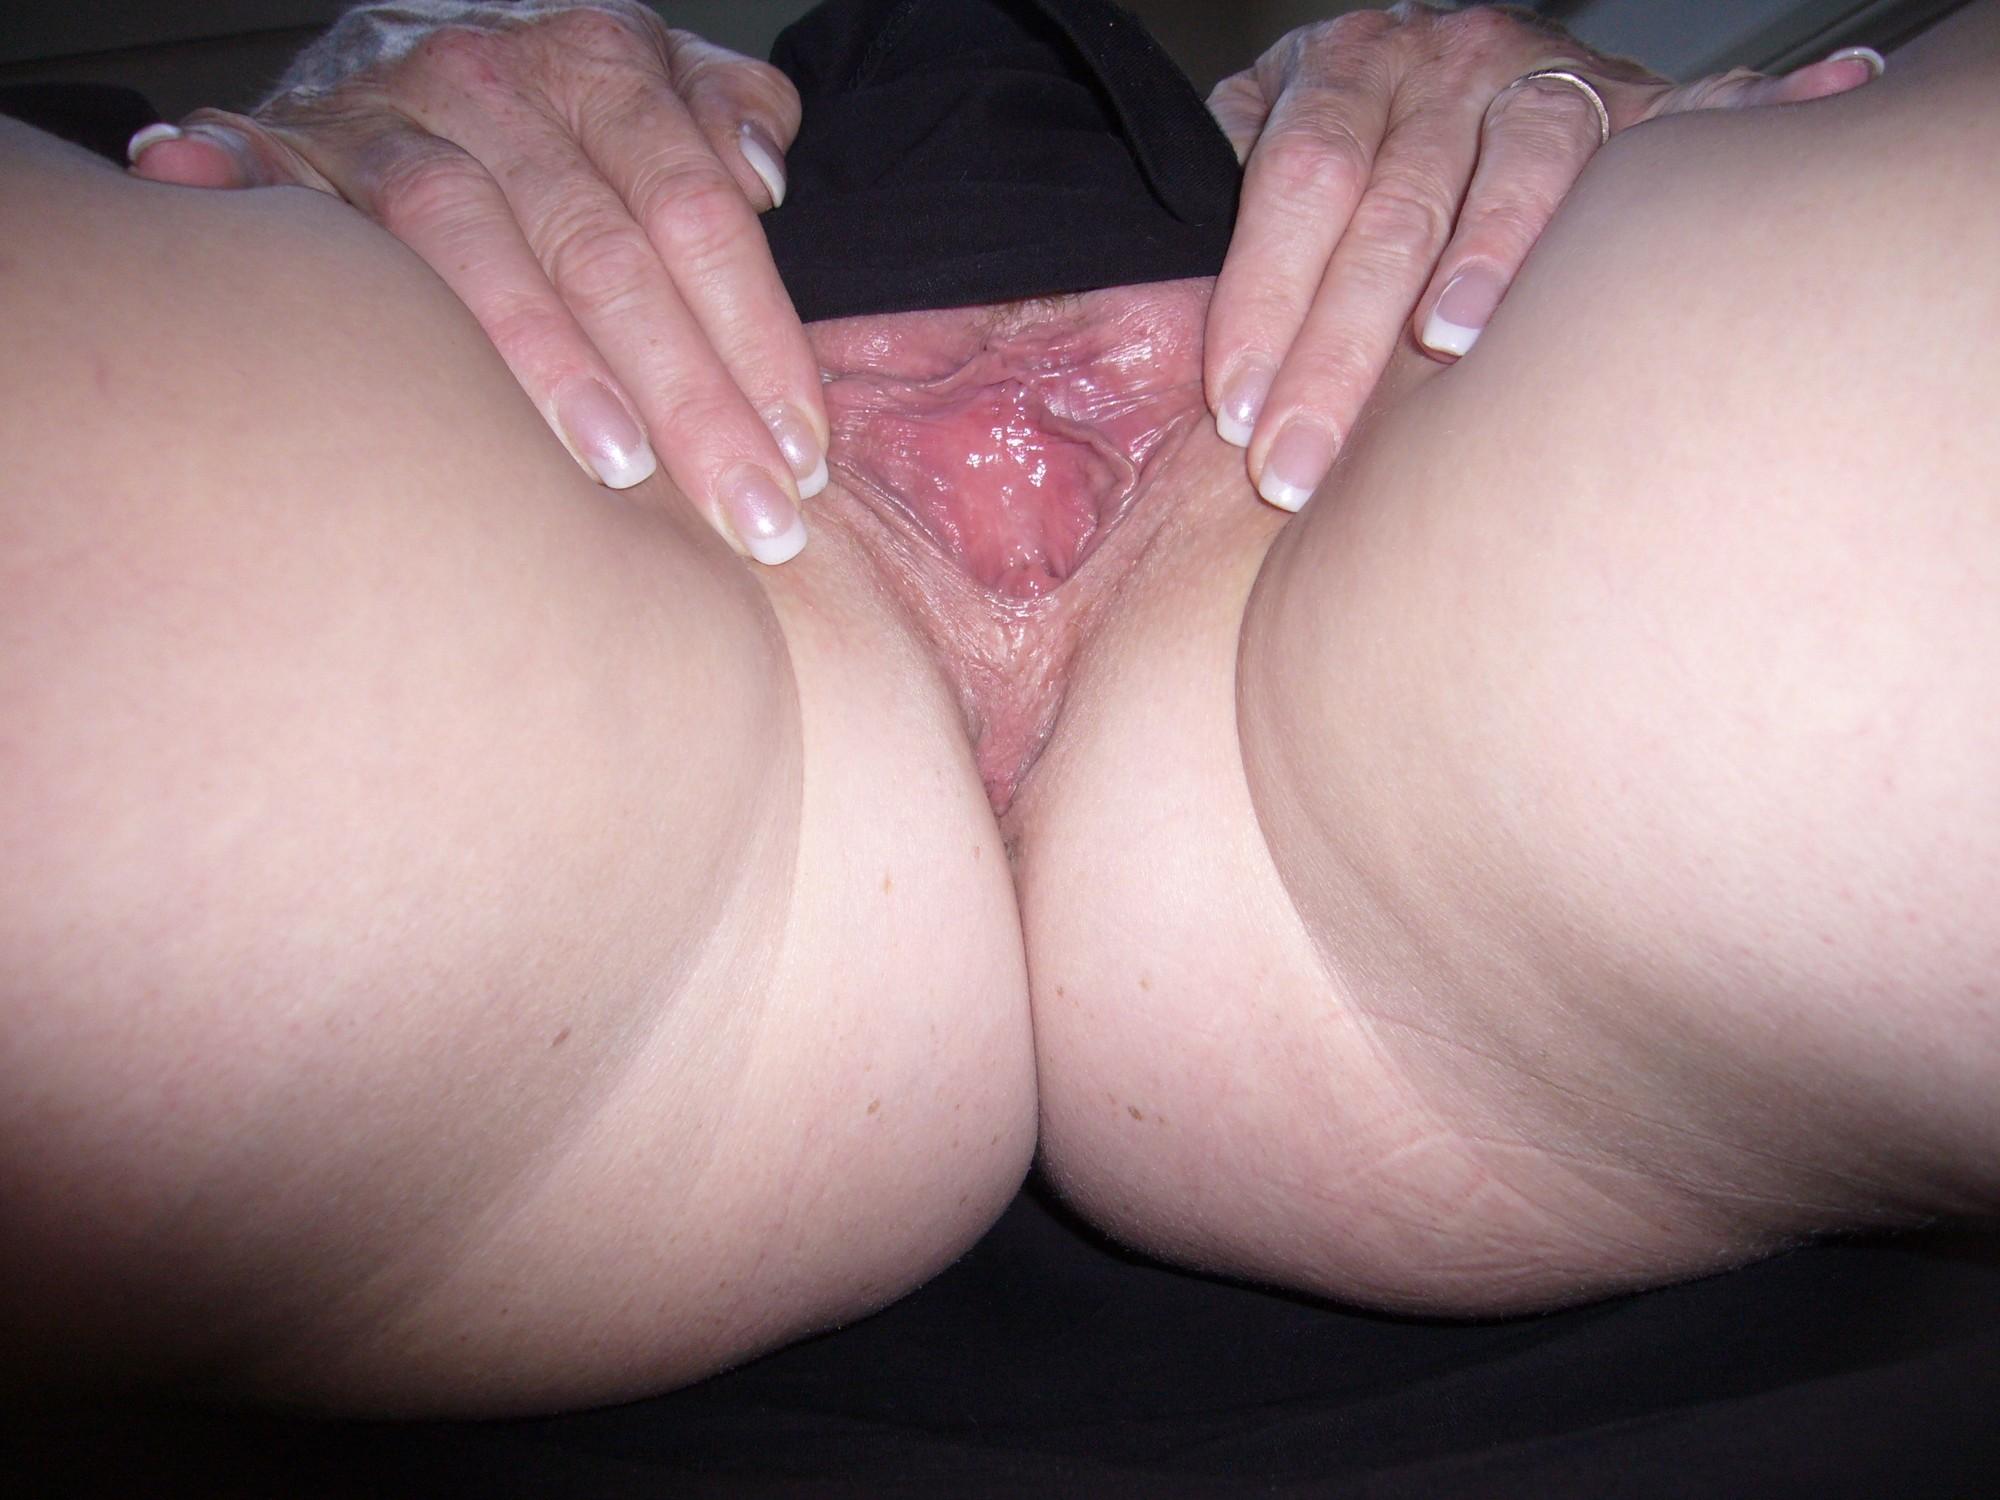 Белокурая мамка растопыривает ножки открывая вид на розовую писю